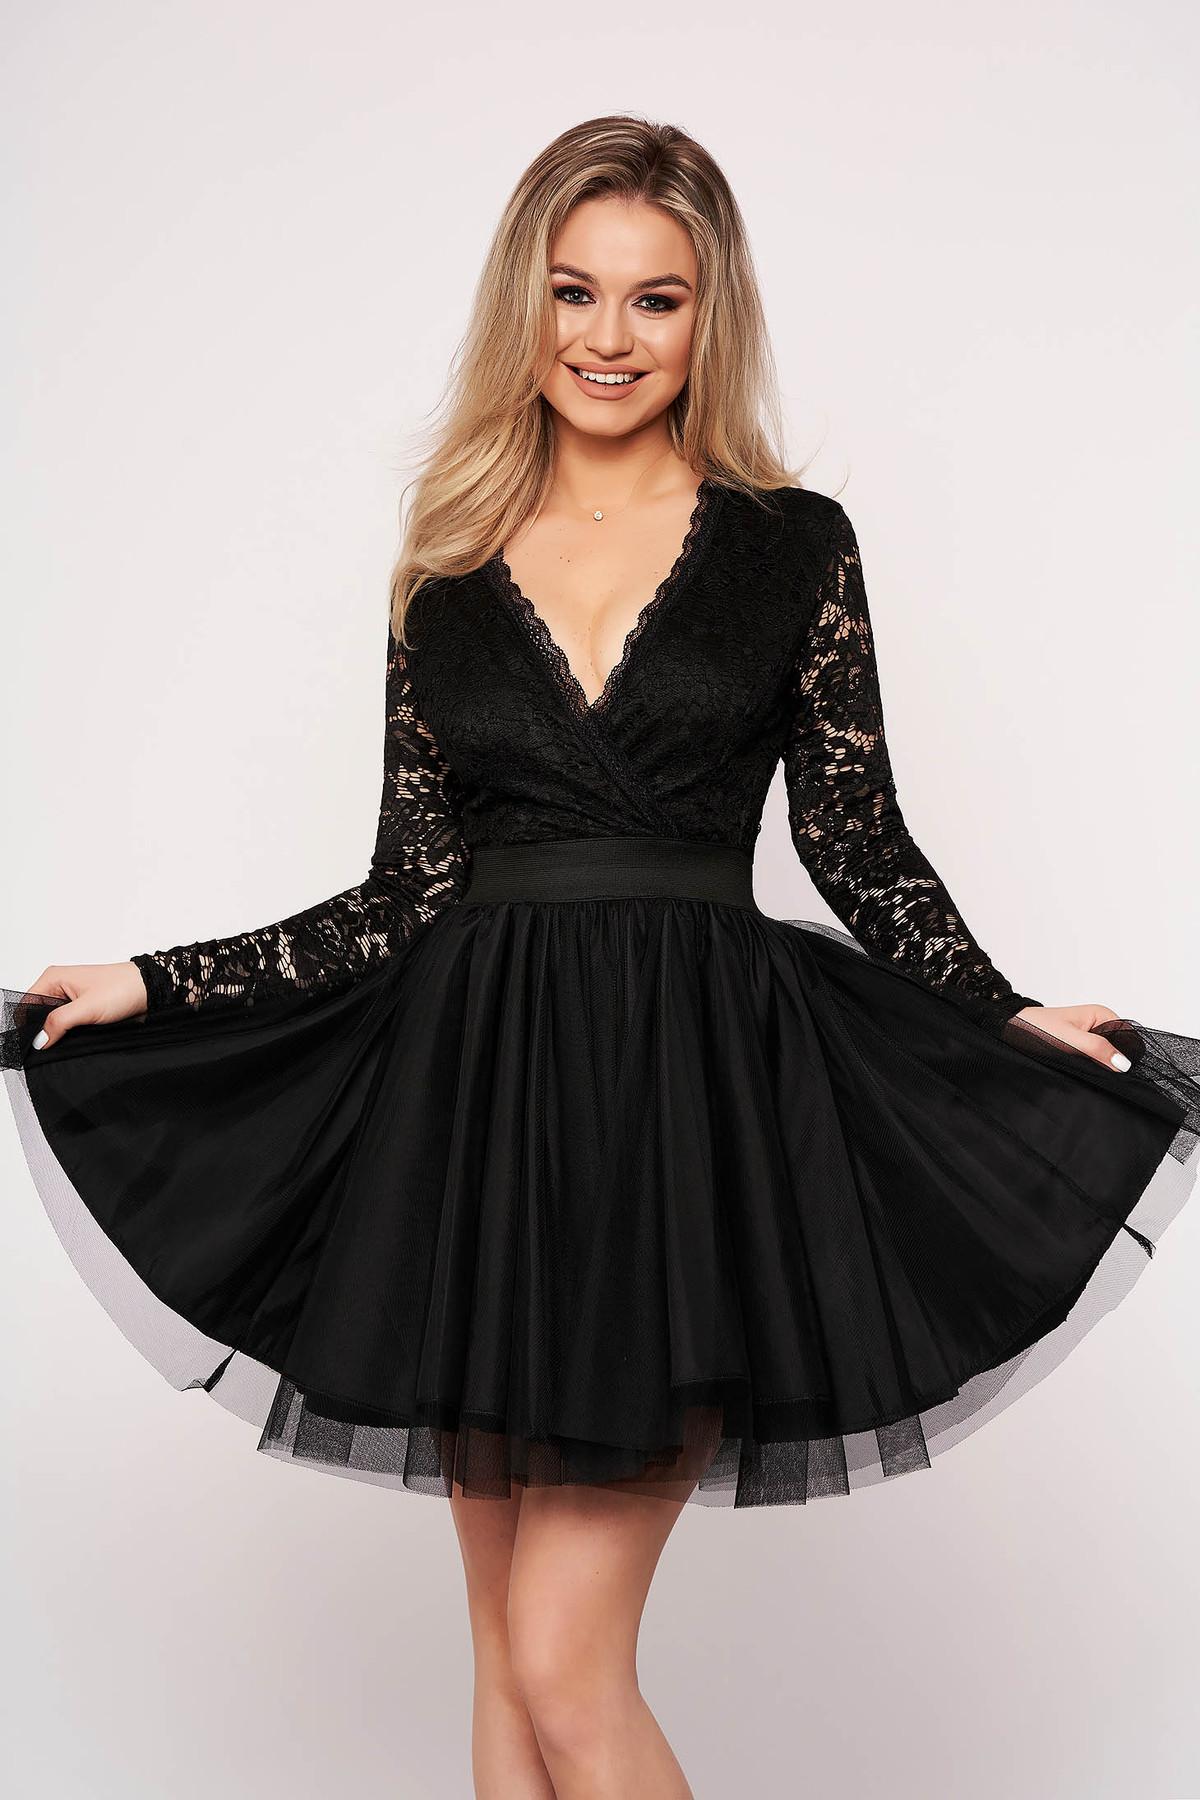 Rochie SunShine neagra eleganta din tul in clos cu decolteu in v si broderie florala